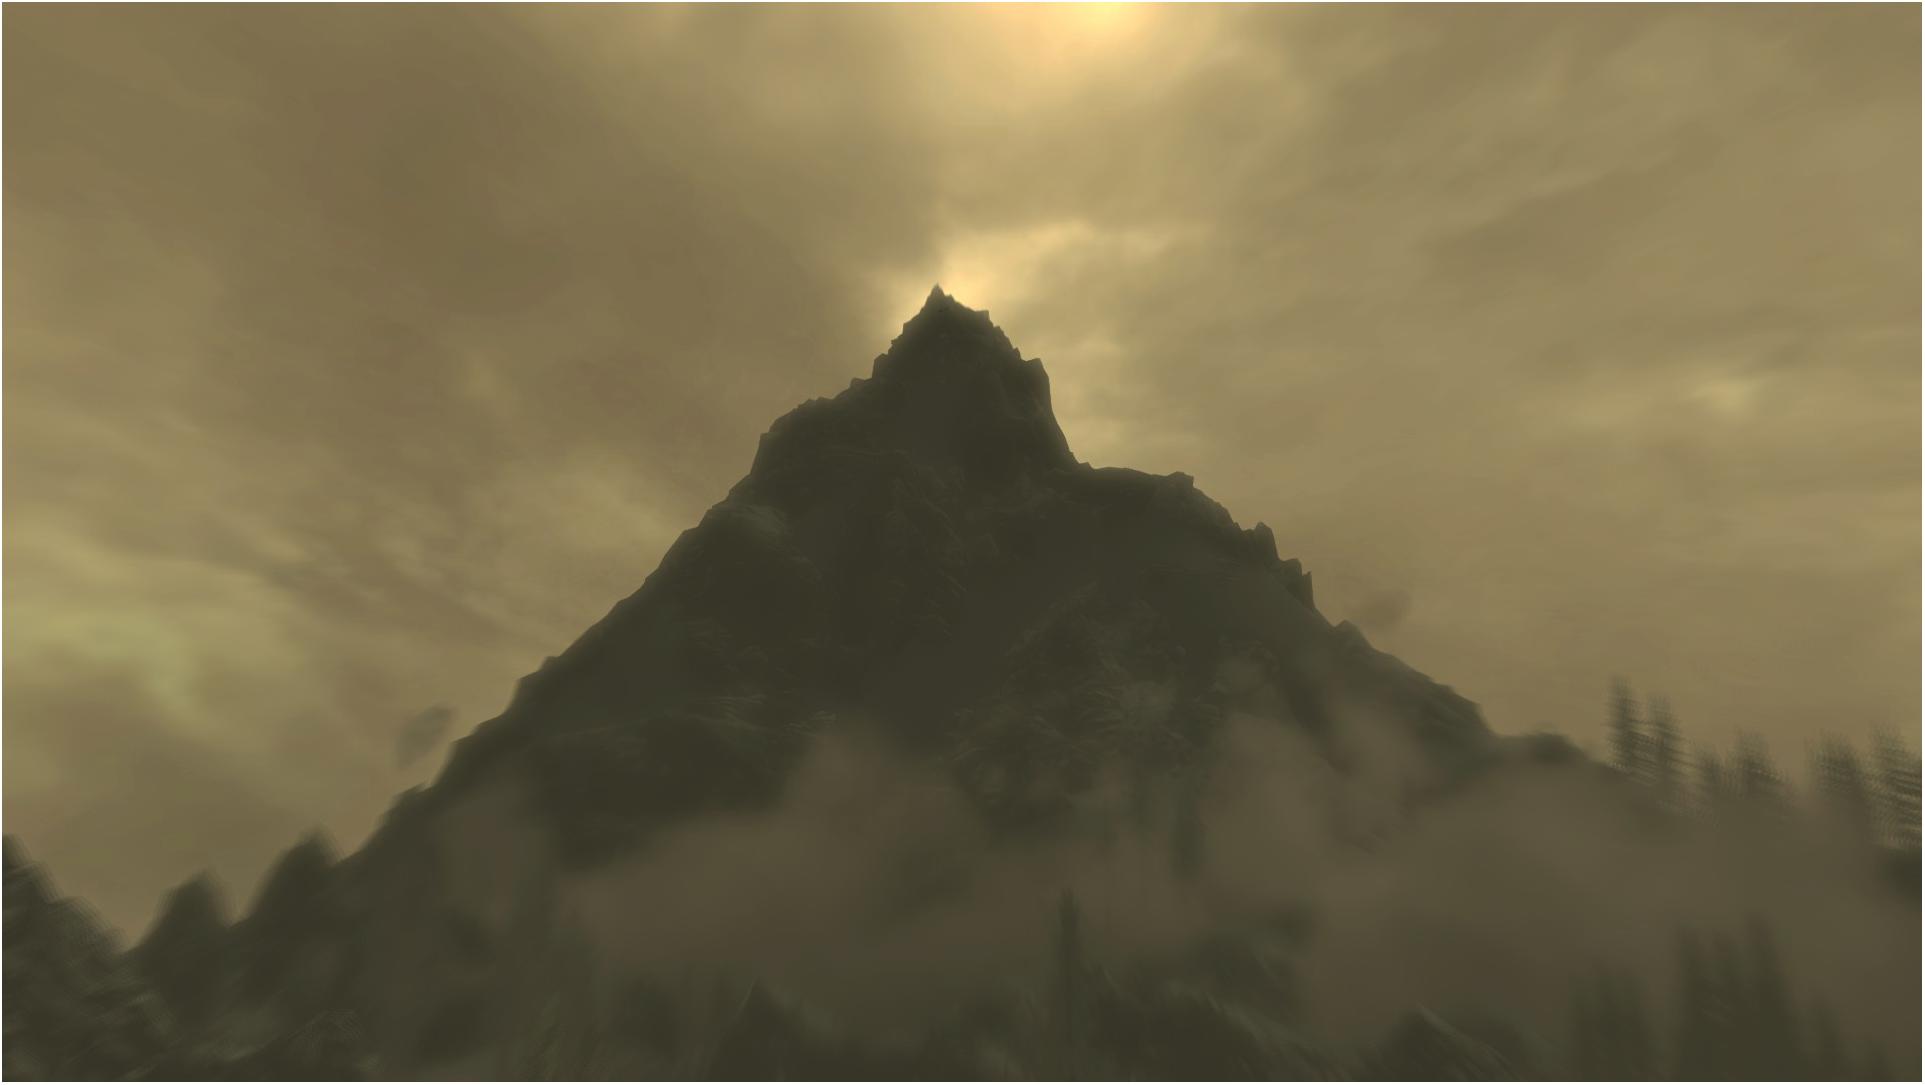 Elder Scrolls V Skyrim_0112_JTC.png